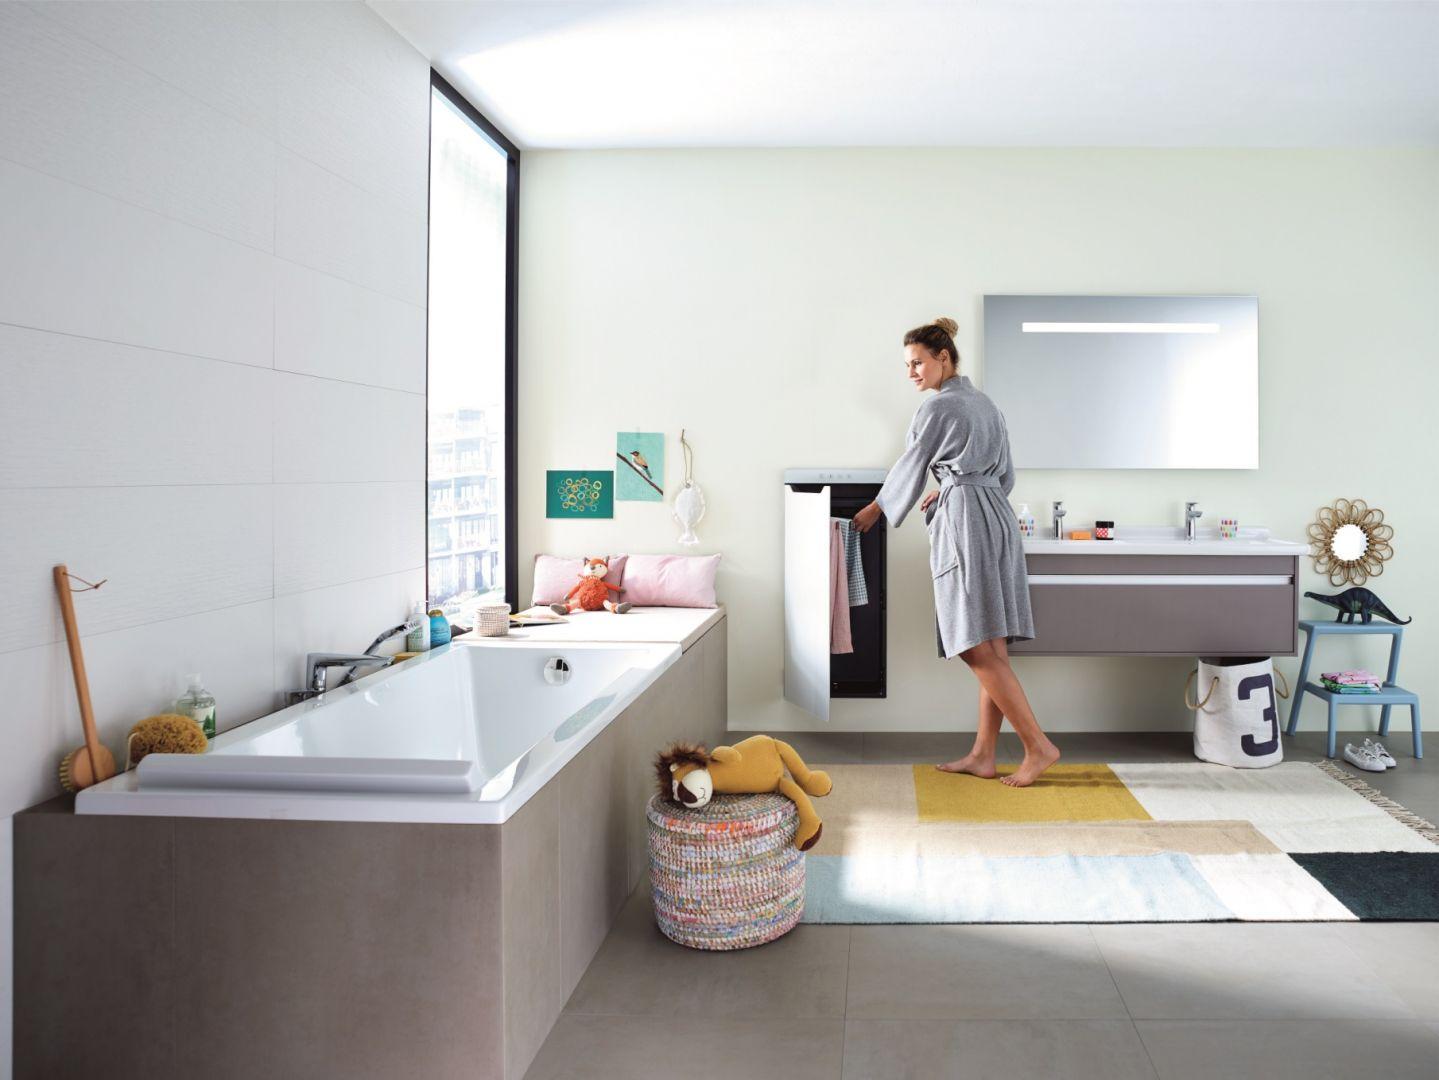 Zenia to grzejnik na podczerwień, termowentylator, podgrzewacz i schowana w środku suszarka do ręczników; intuicyjna obsługa za pomocą dotykowego panelu bądź zdalnie za pomocą aplikacji. Fot. Zehnder